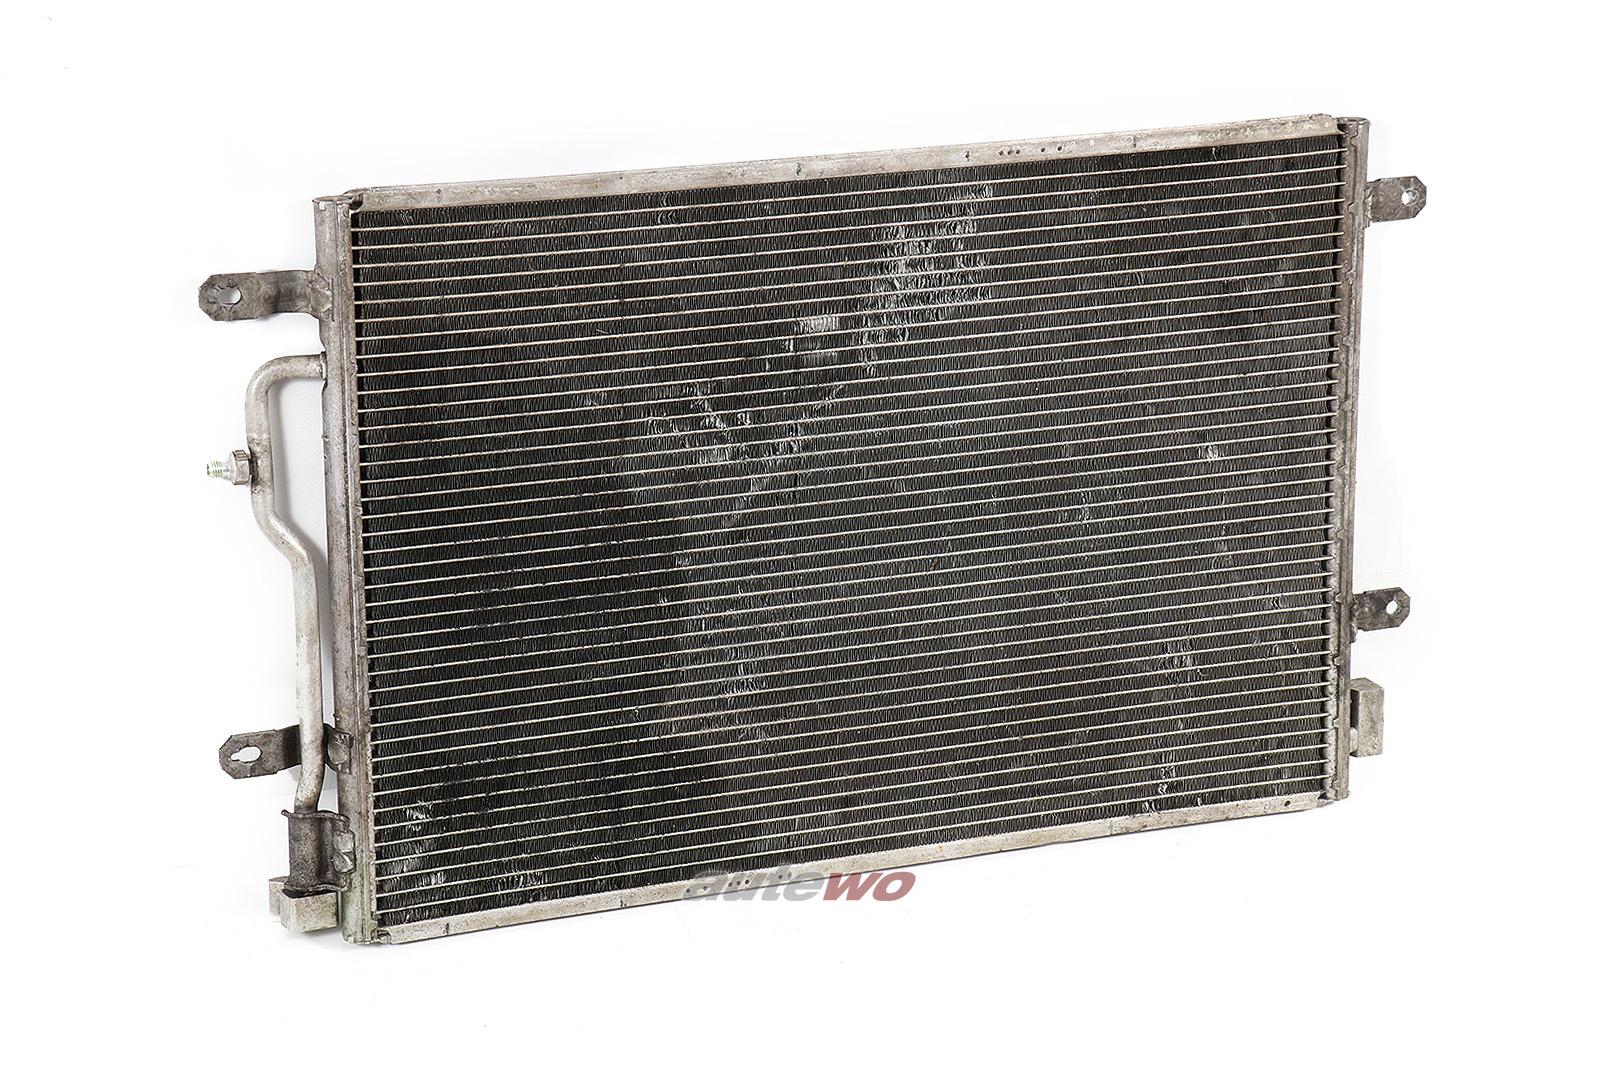 8E0260401D 8E0260403D Audi A4 8E/B6/Cabrio 8H Klimakondensator